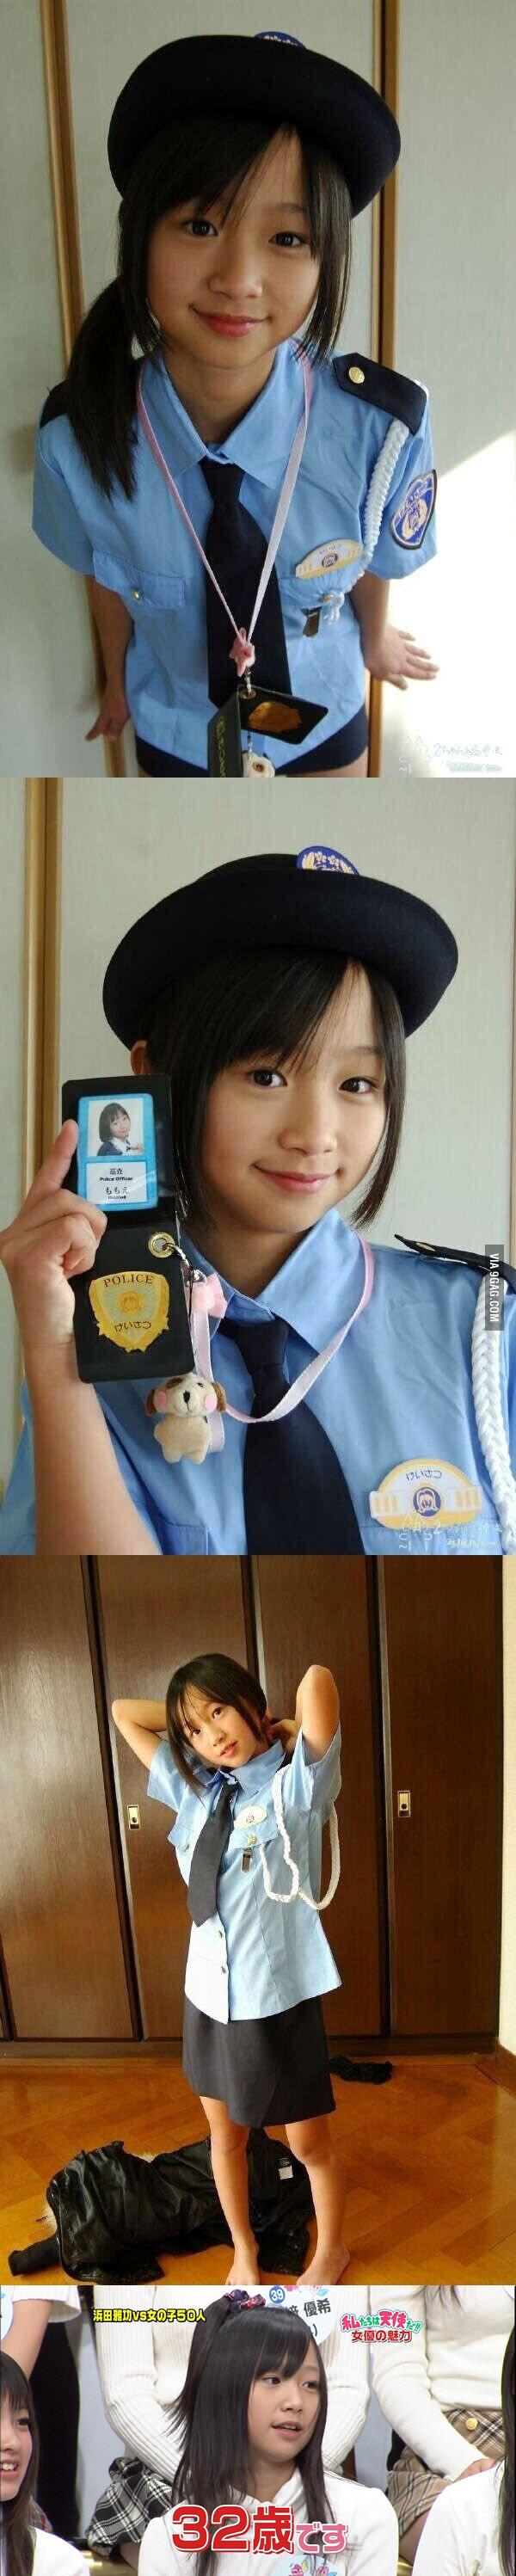 Кино порно азиатка в роли полицейской